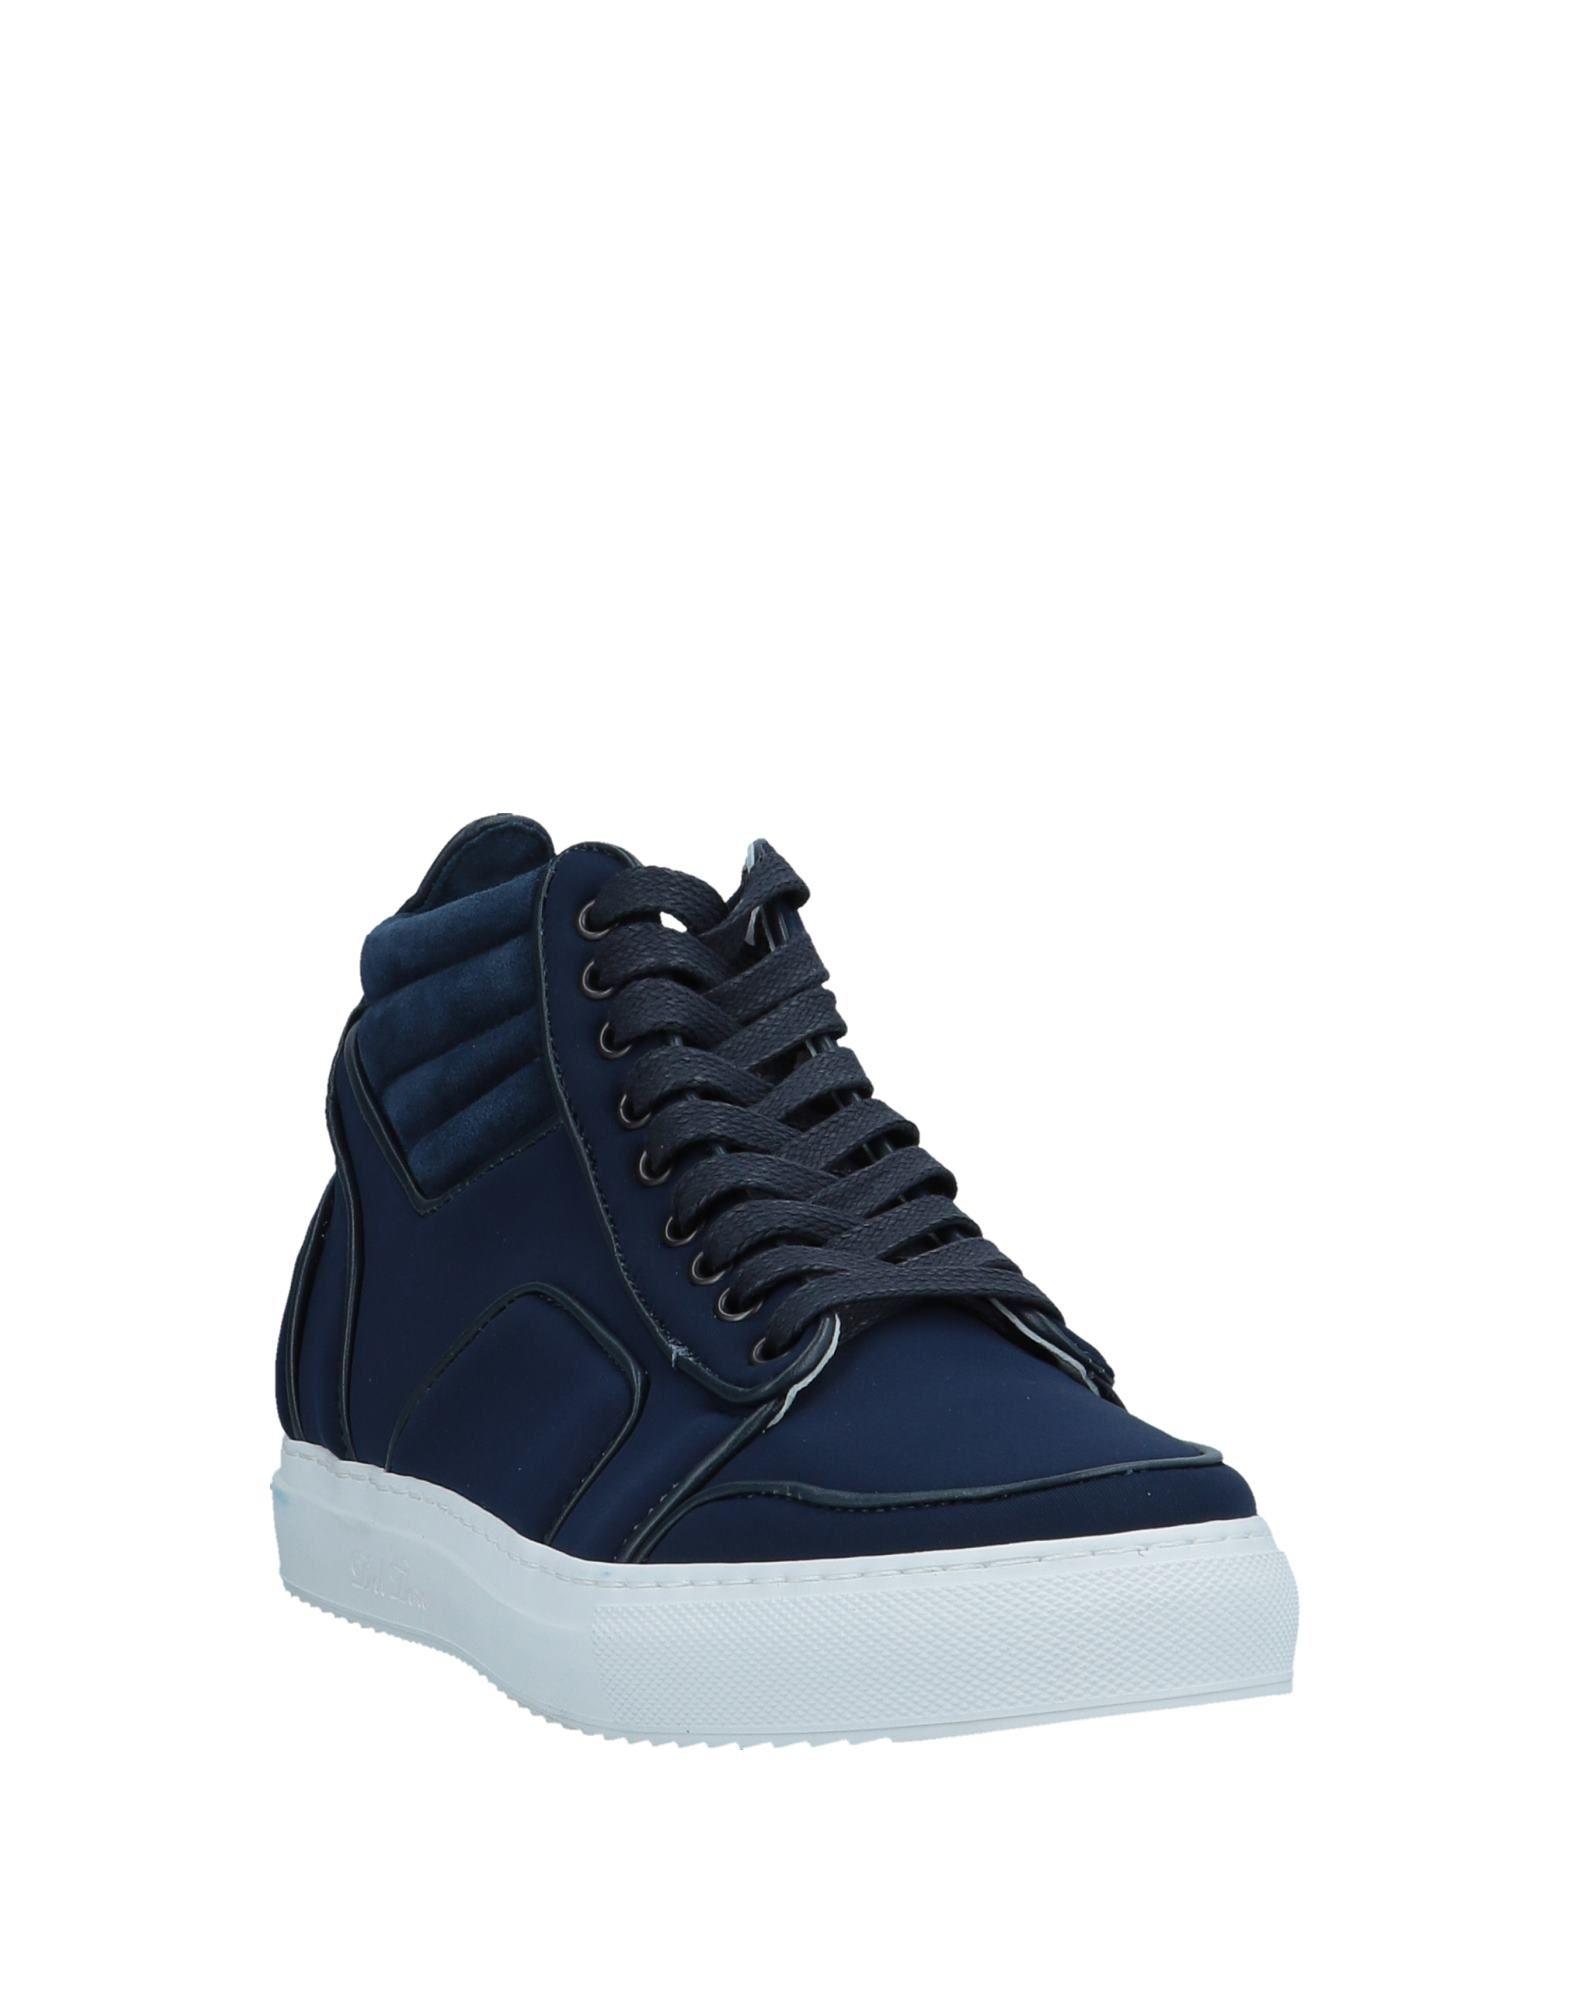 Del Toro Sneakers Qualität Herren  11559863HC Gute Qualität Sneakers beliebte Schuhe 51c03a